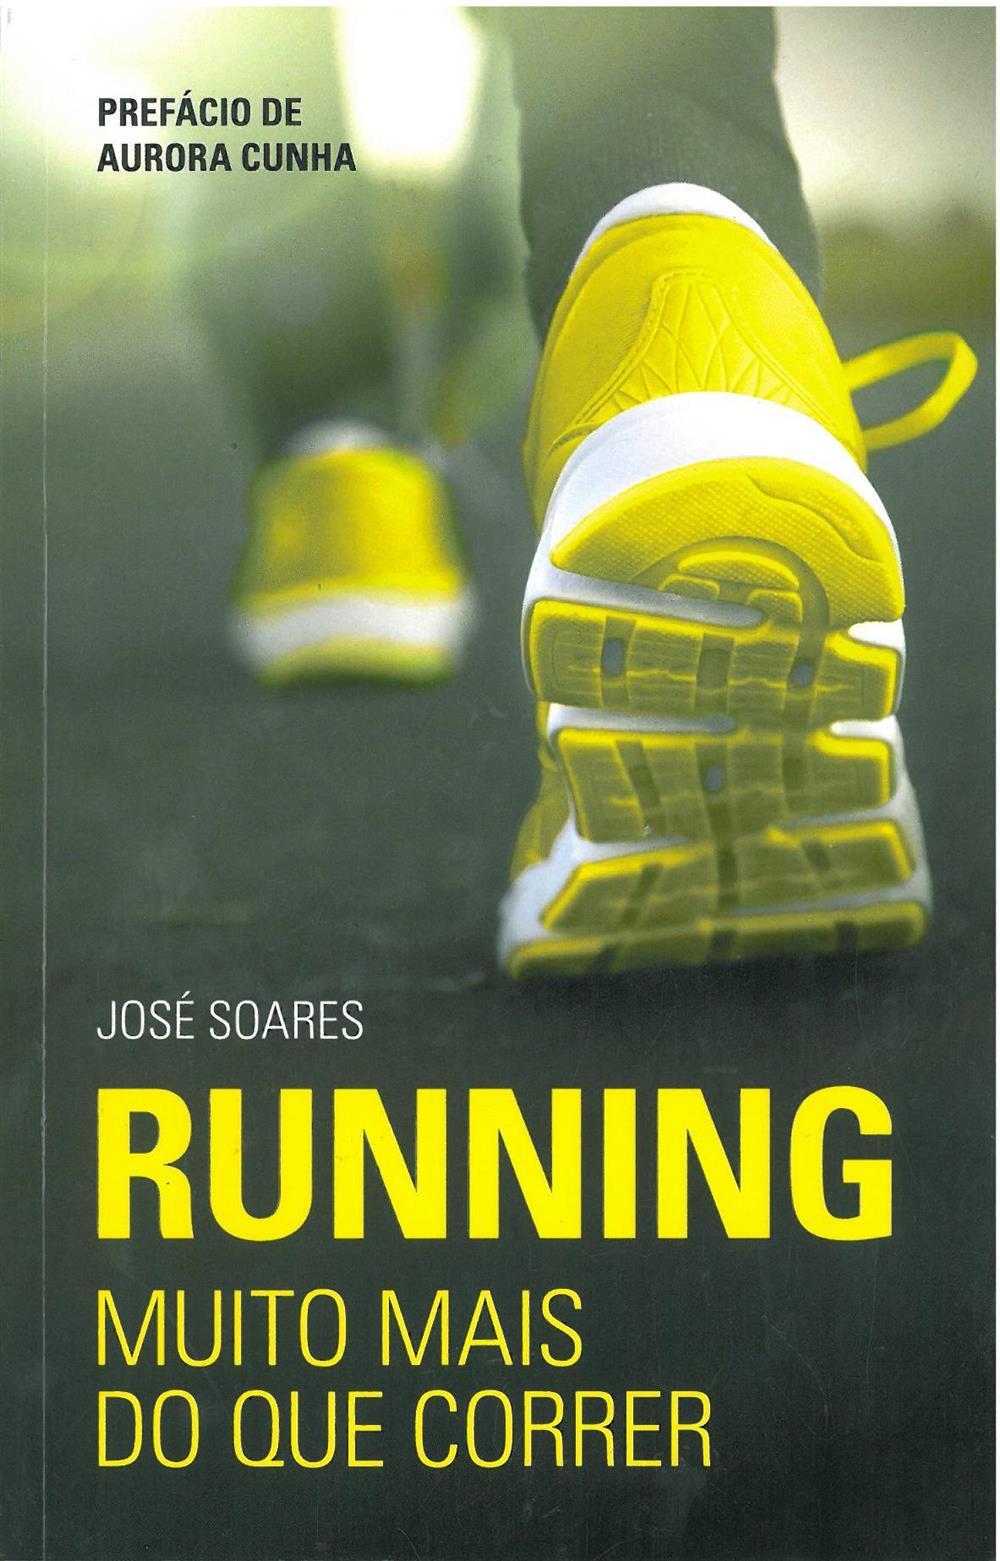 Running_muito mais do que correr.jpg